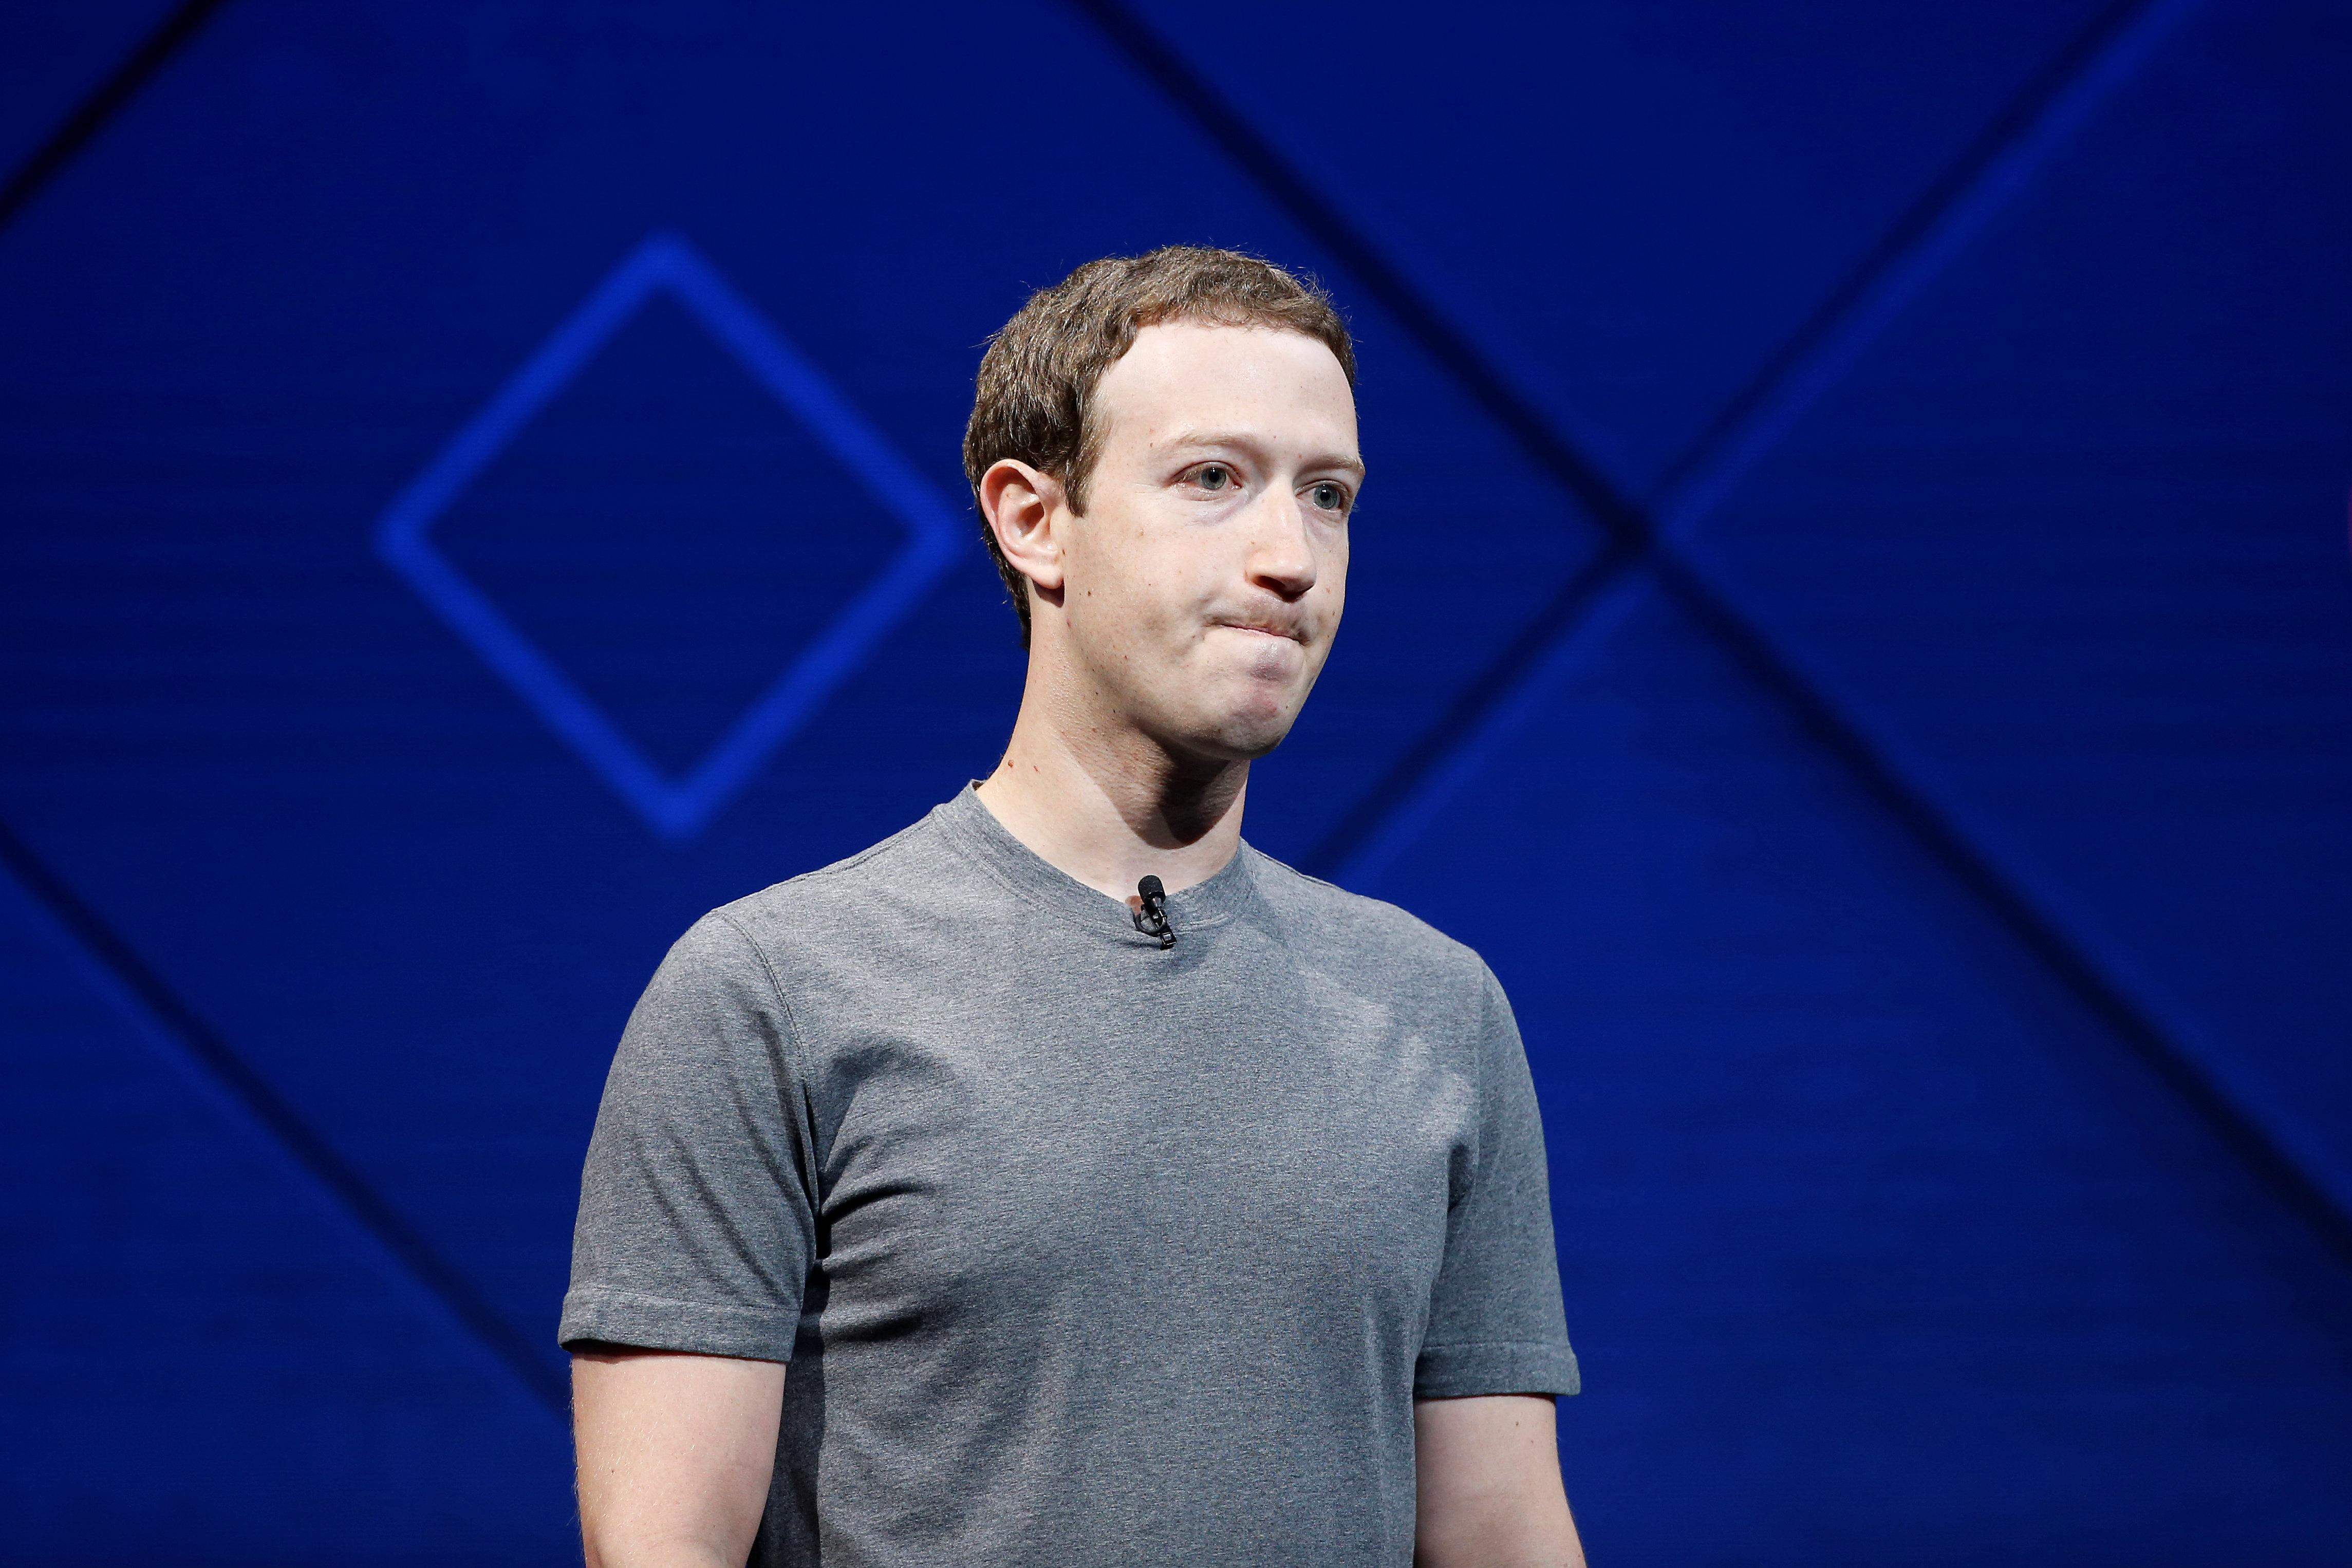 Μαρκ Ζούκερμπεργκ: Το Facebook «έκανε λάθη» στην υπόθεση της Cambridge